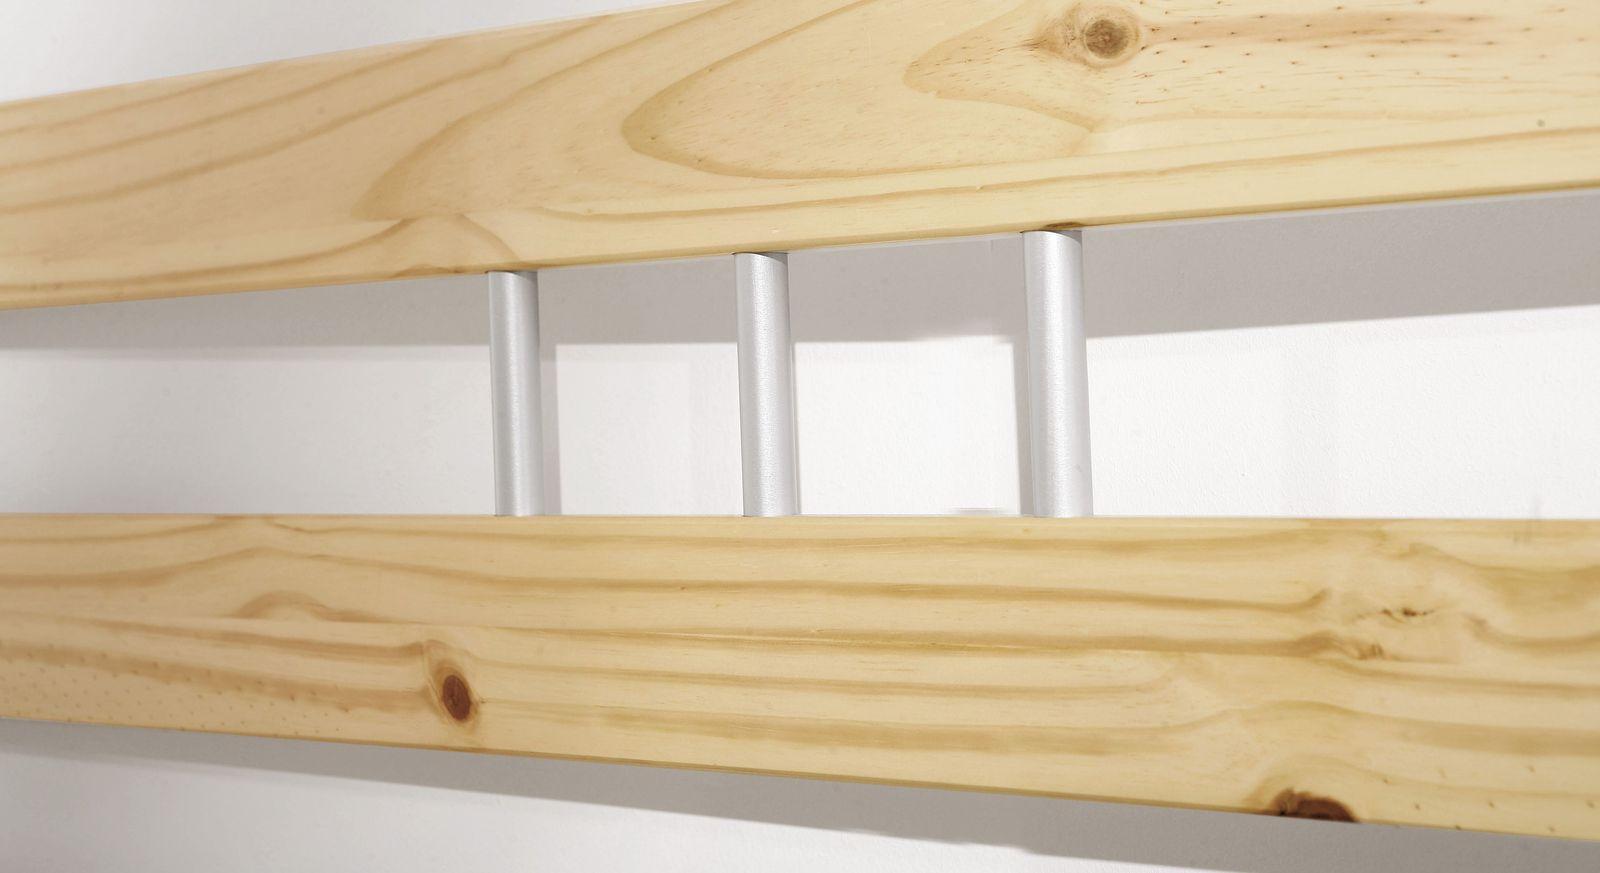 Bett Bregenz mit Metall-Verzierungen am Kopfteil